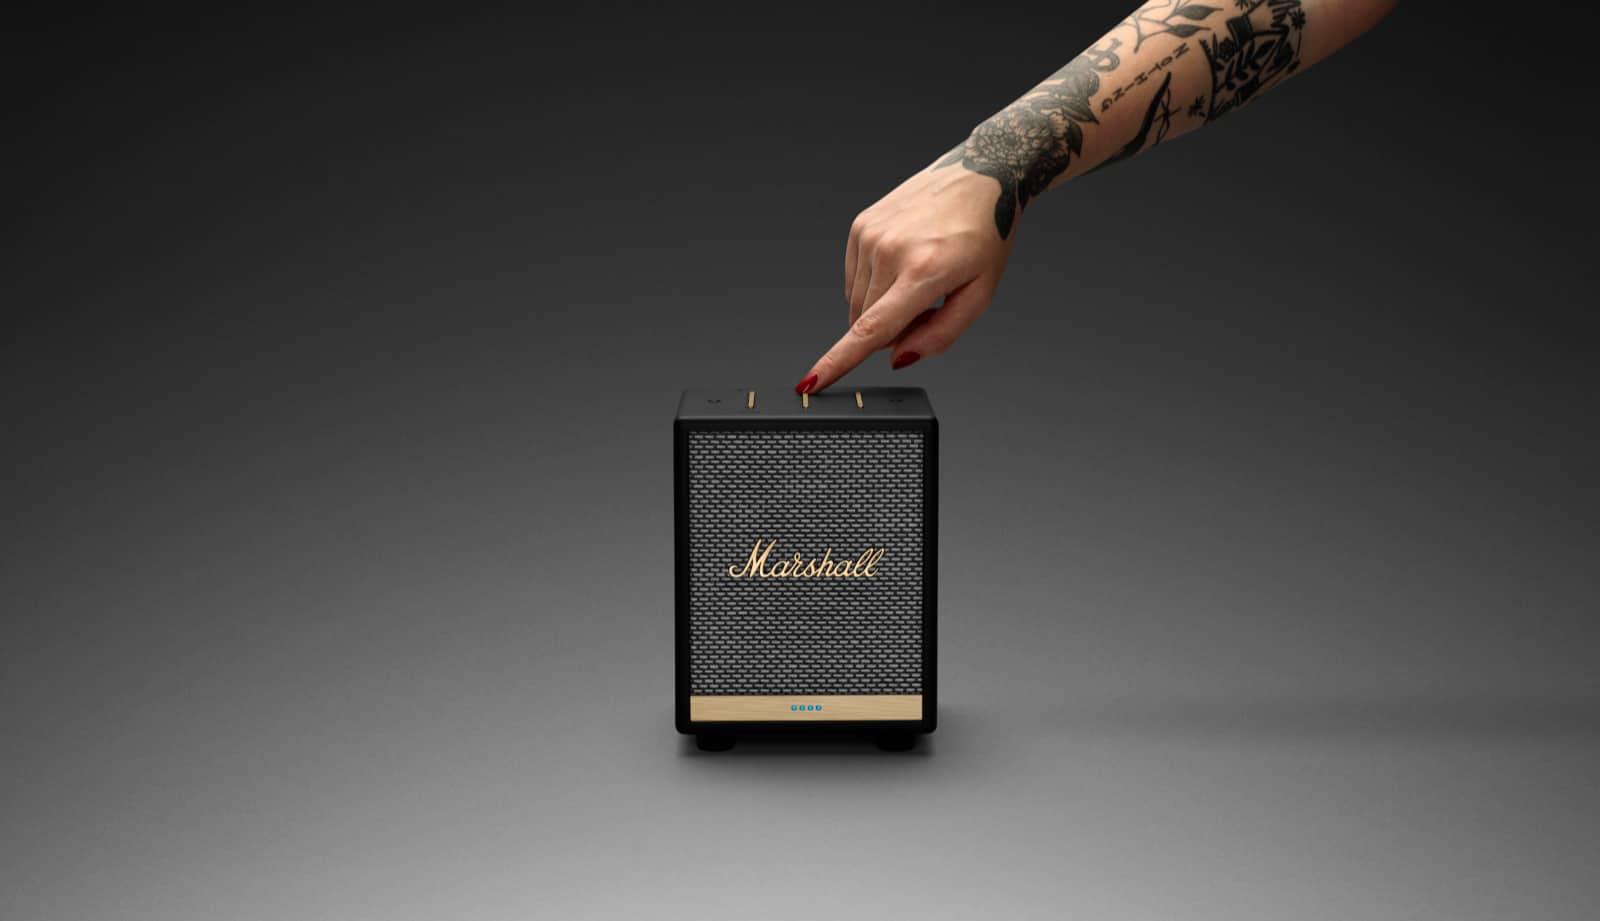 Marshall UxBridge Smart Speaker 5